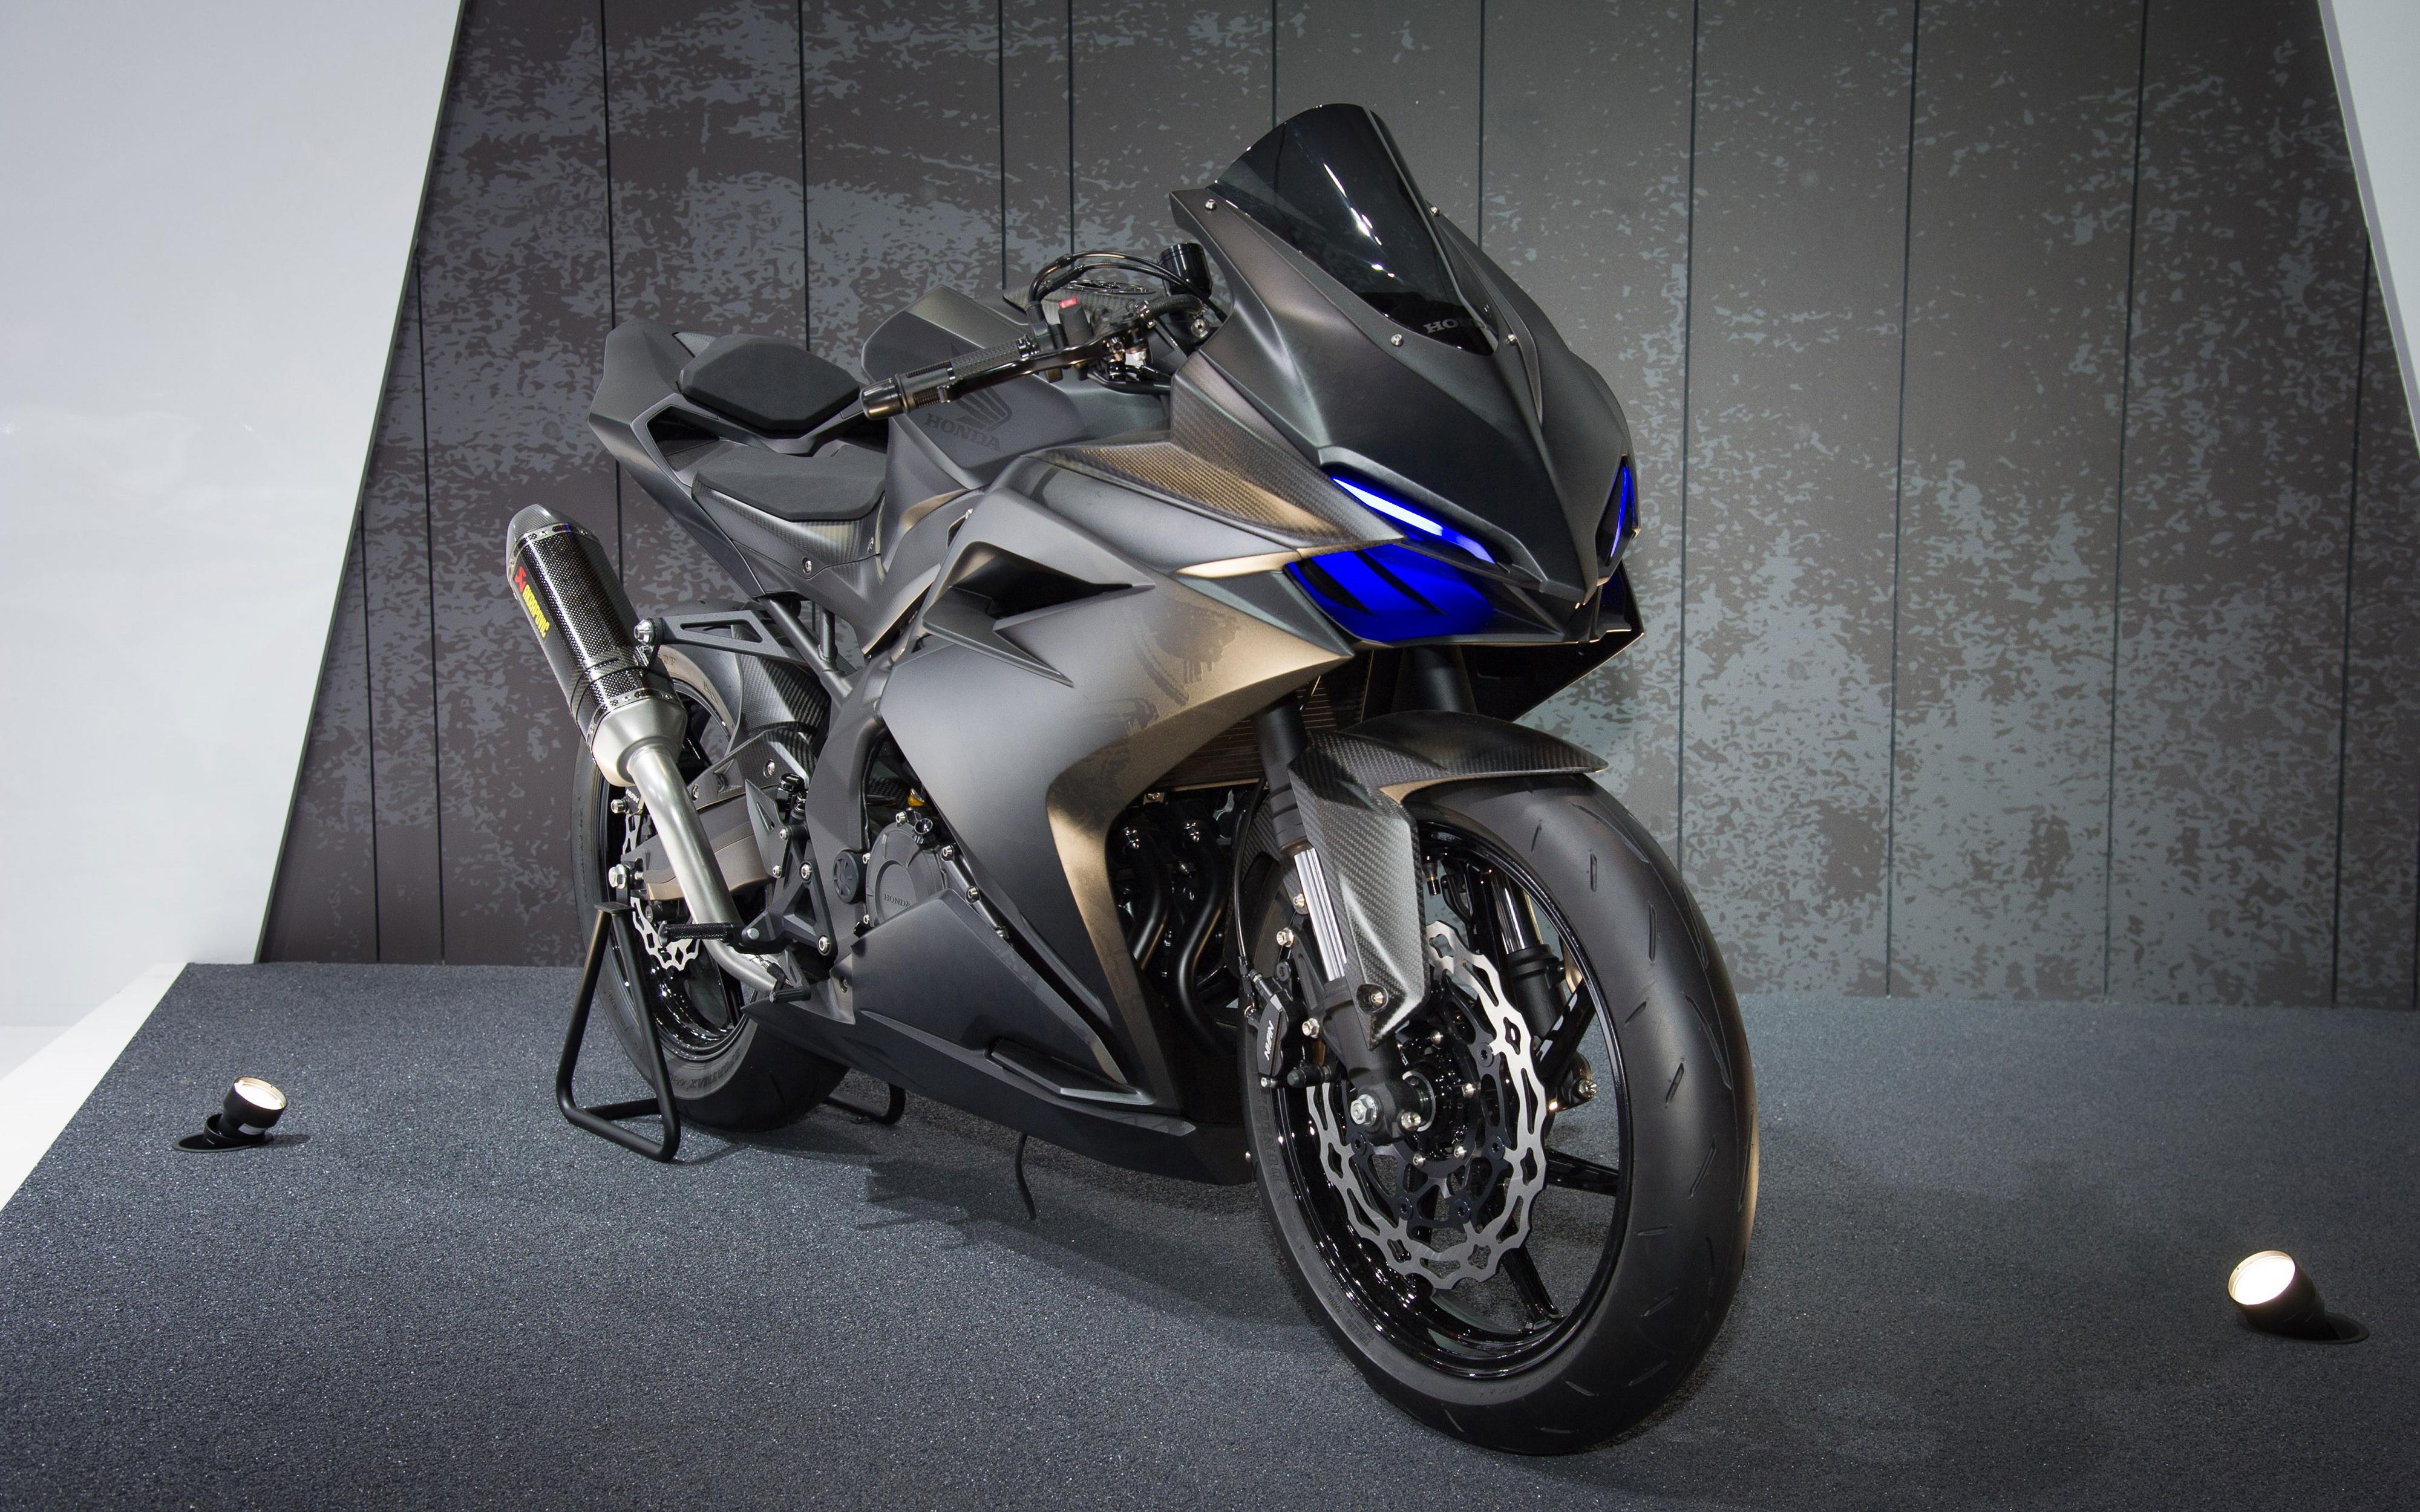 Honda cbr250rr sports bike 4k. обои скачать